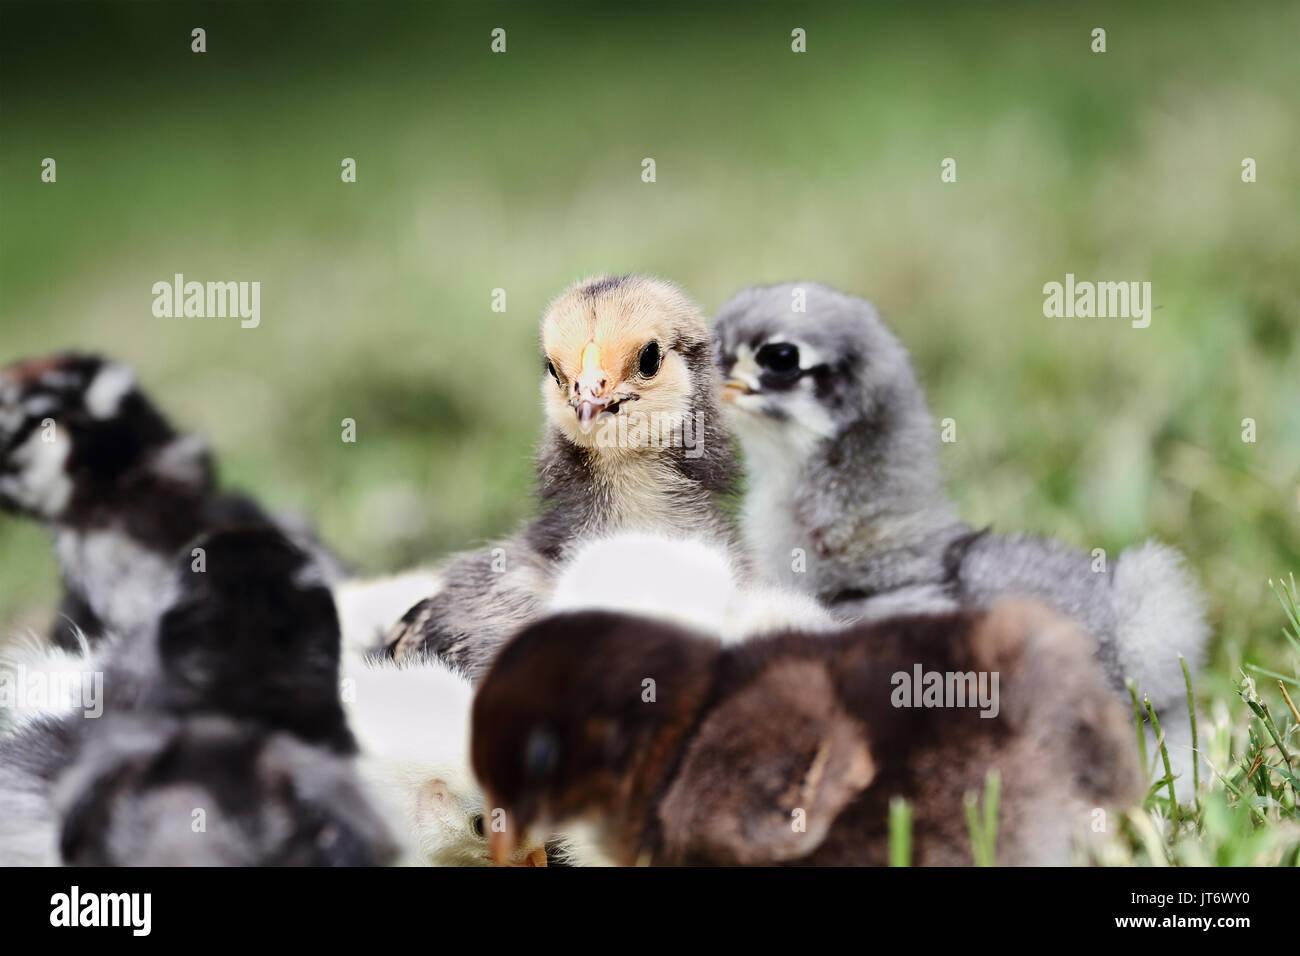 Baby Buff Brahma Küken sich angefangen mit anderen Mixed Chicks draußen im Gras. Extrem flache Tiefenschärfe mit selektiven Fokus auf dem Brahma fac Stockbild